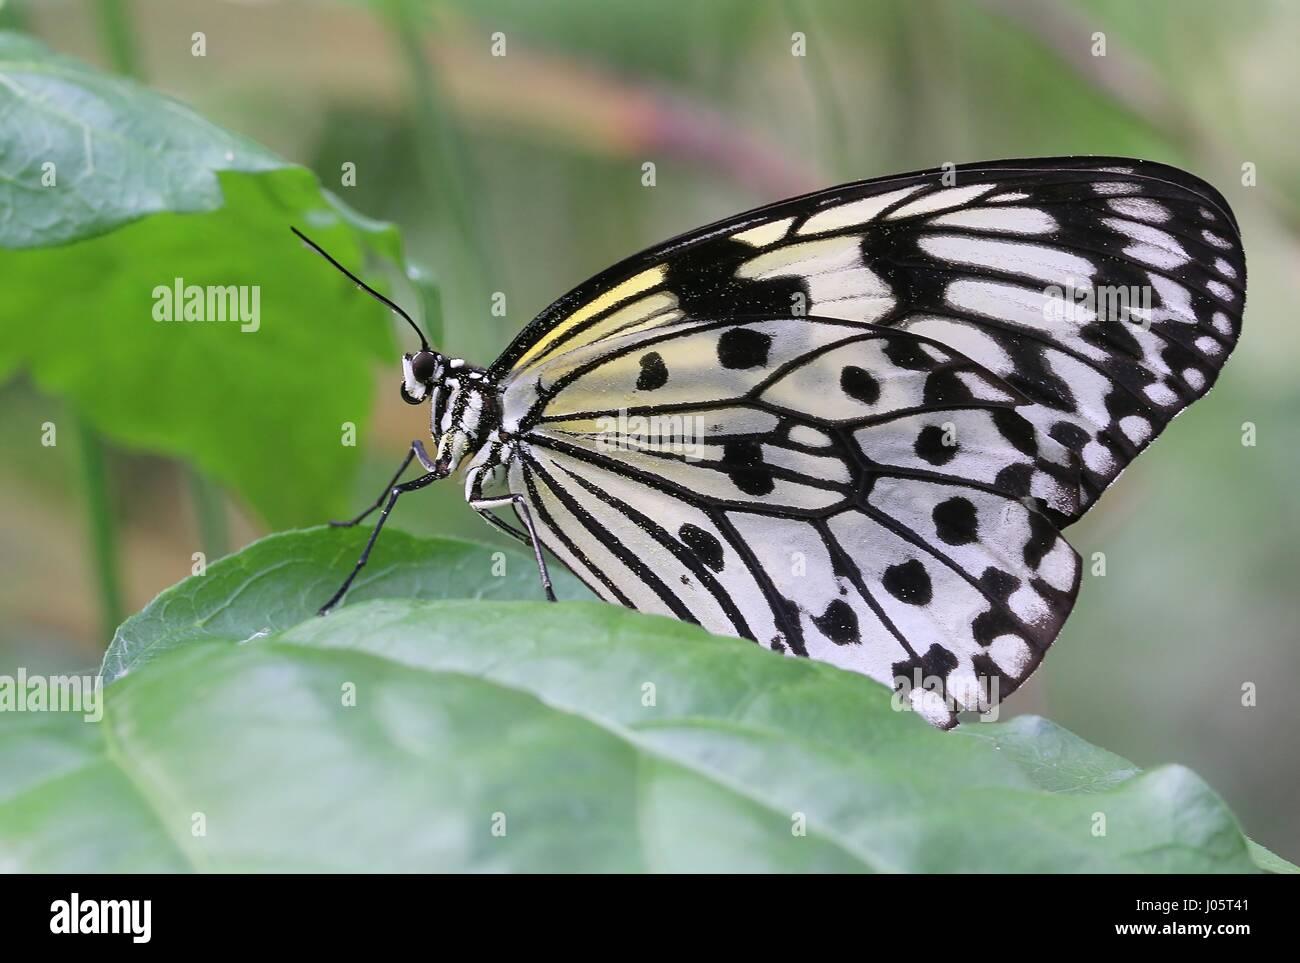 Sud-est asiatico aquilone di carta Butterfly (Idea leuconoe), a.k.a.carta riso Butterfly, albero- o legno Nymph Immagini Stock